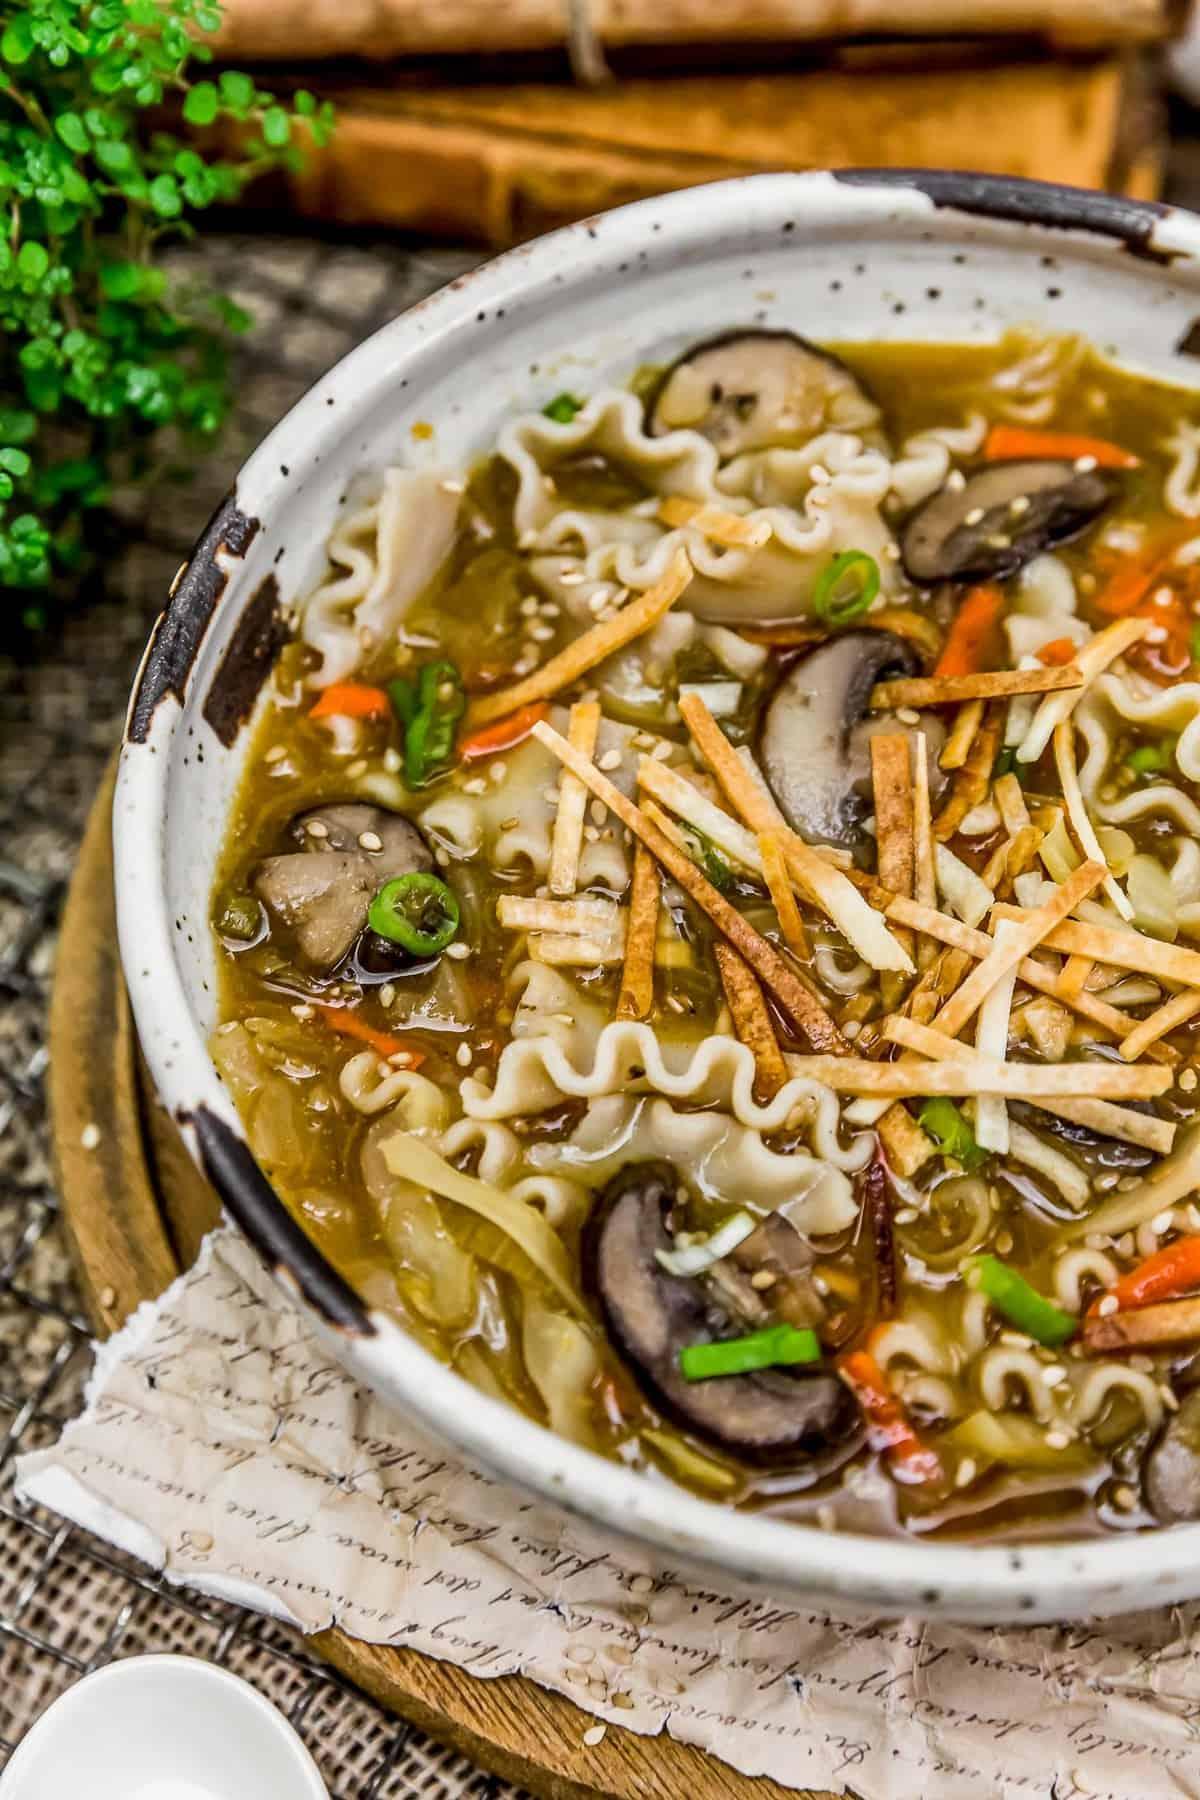 Close up of Deconstructed Vegan Wonton Soup